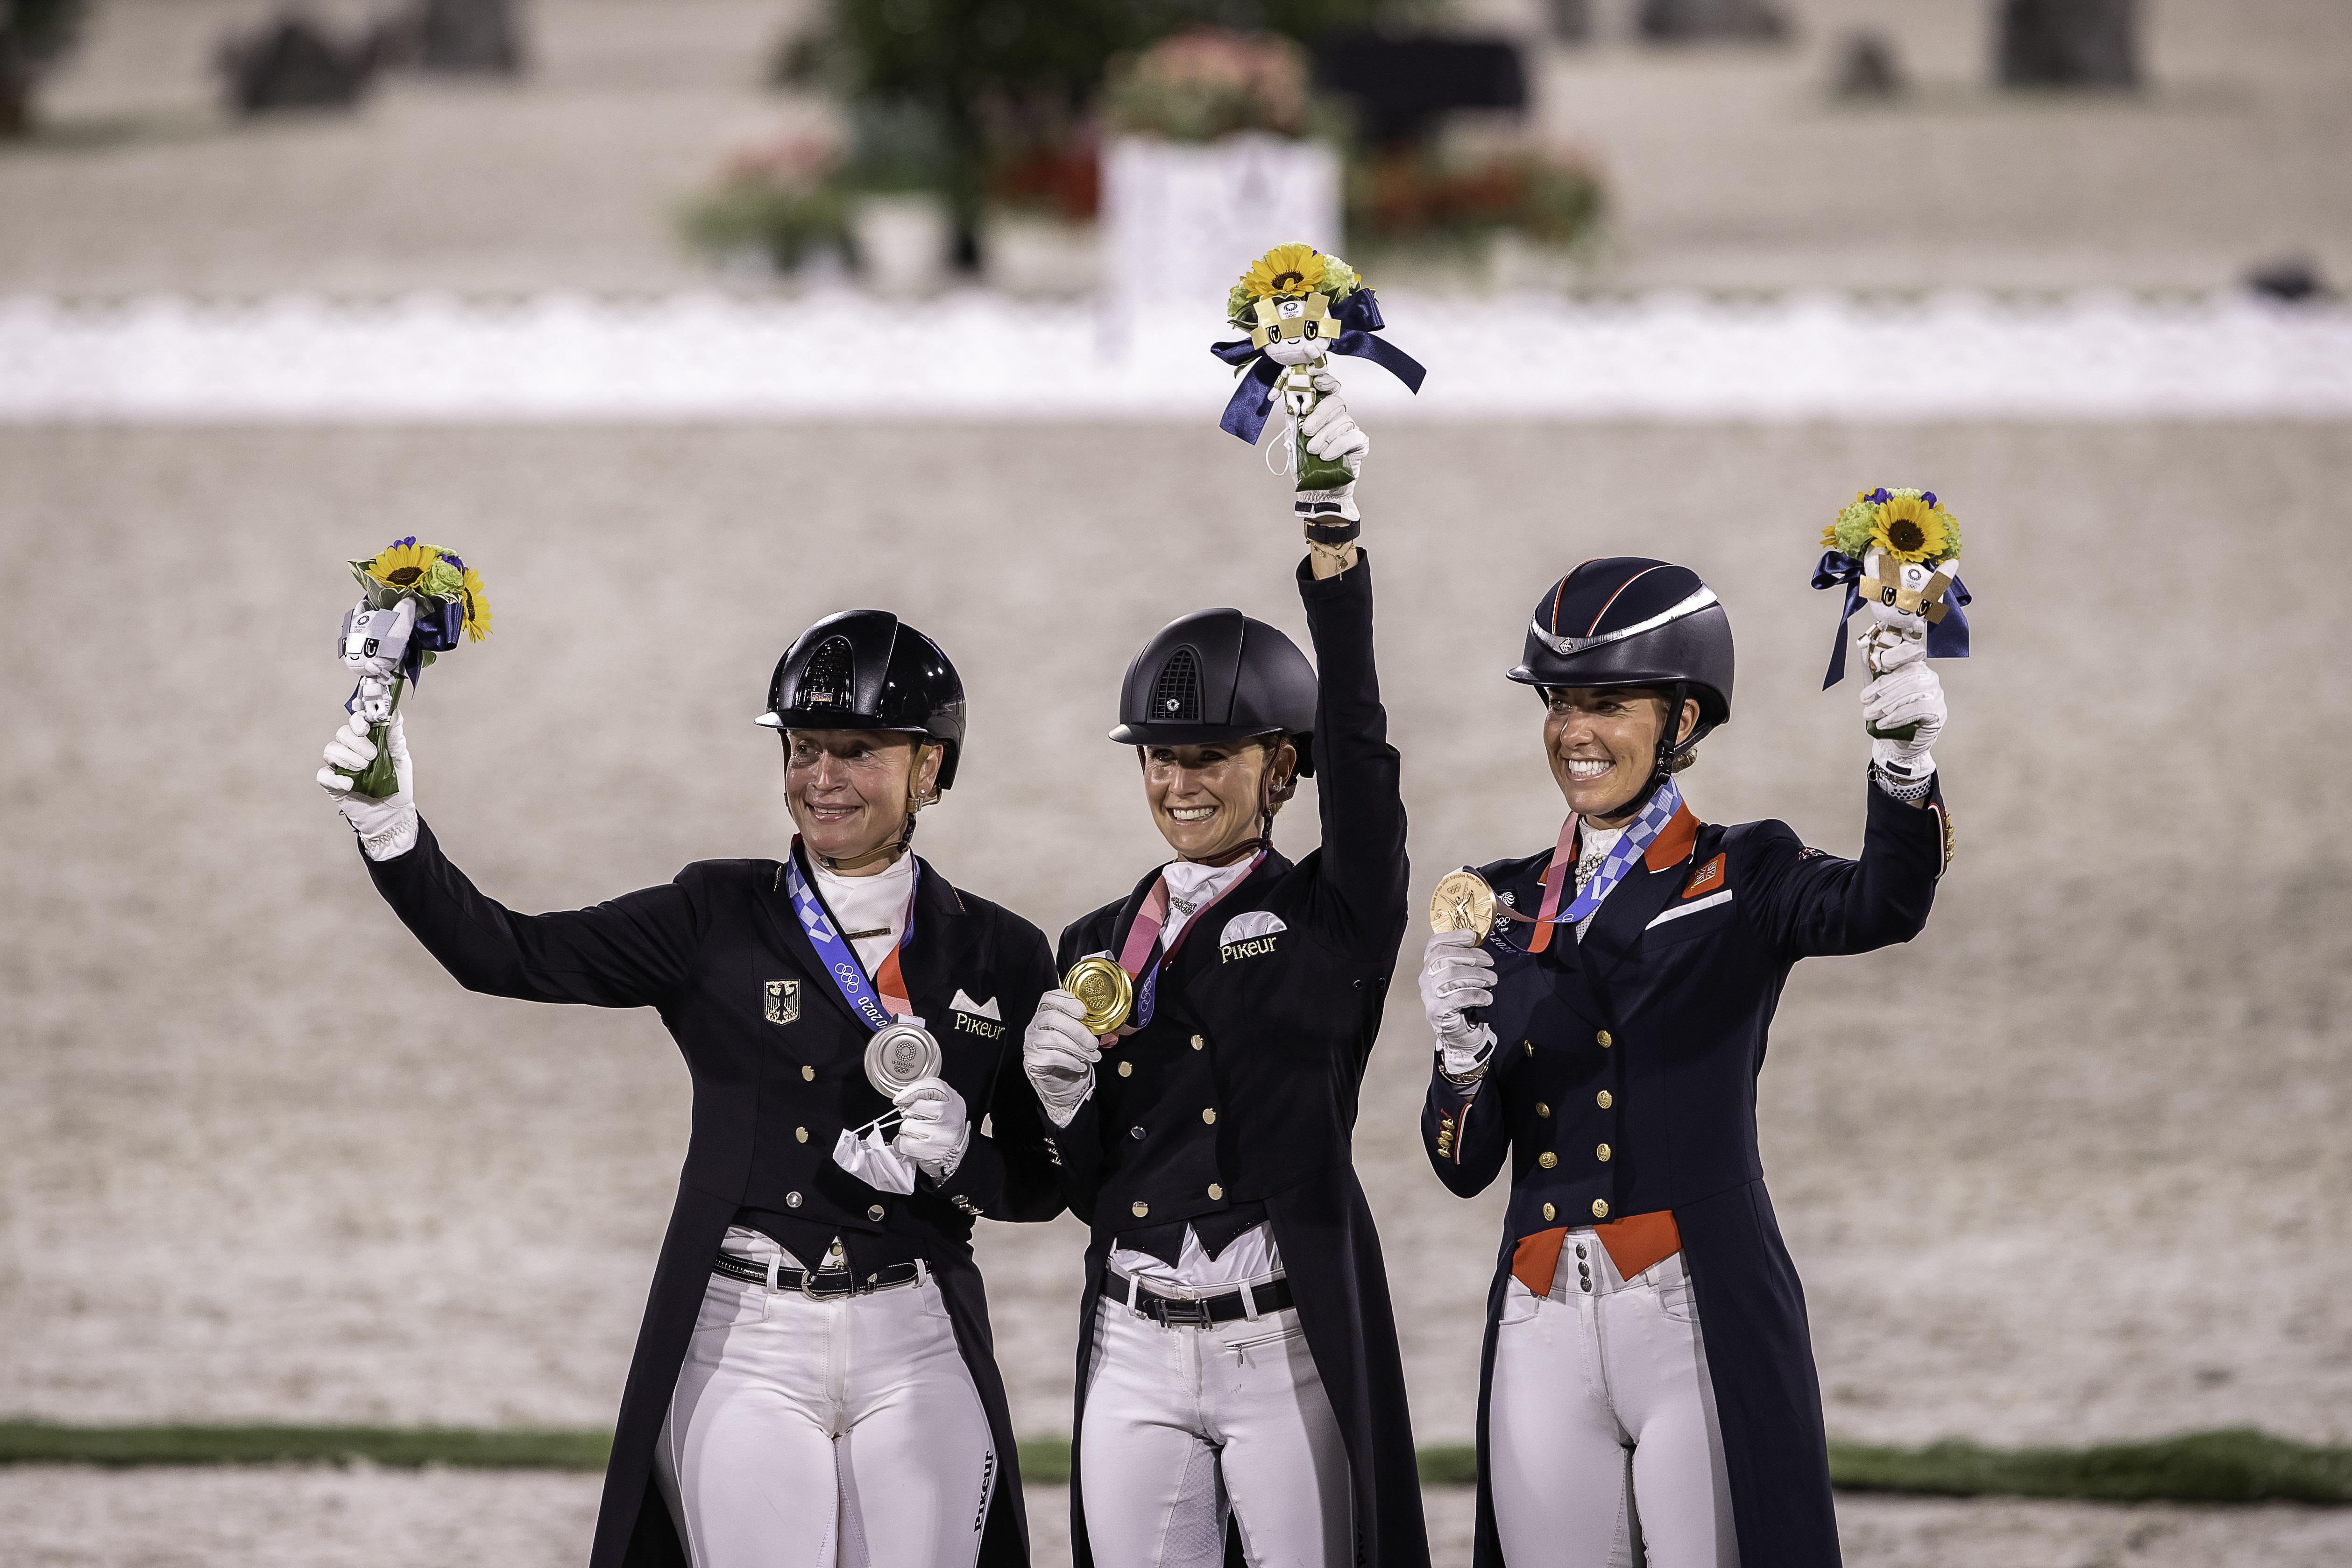 Olympische Spelen: waarom krijgen alle winnaars naast een medaille ook bloemen?